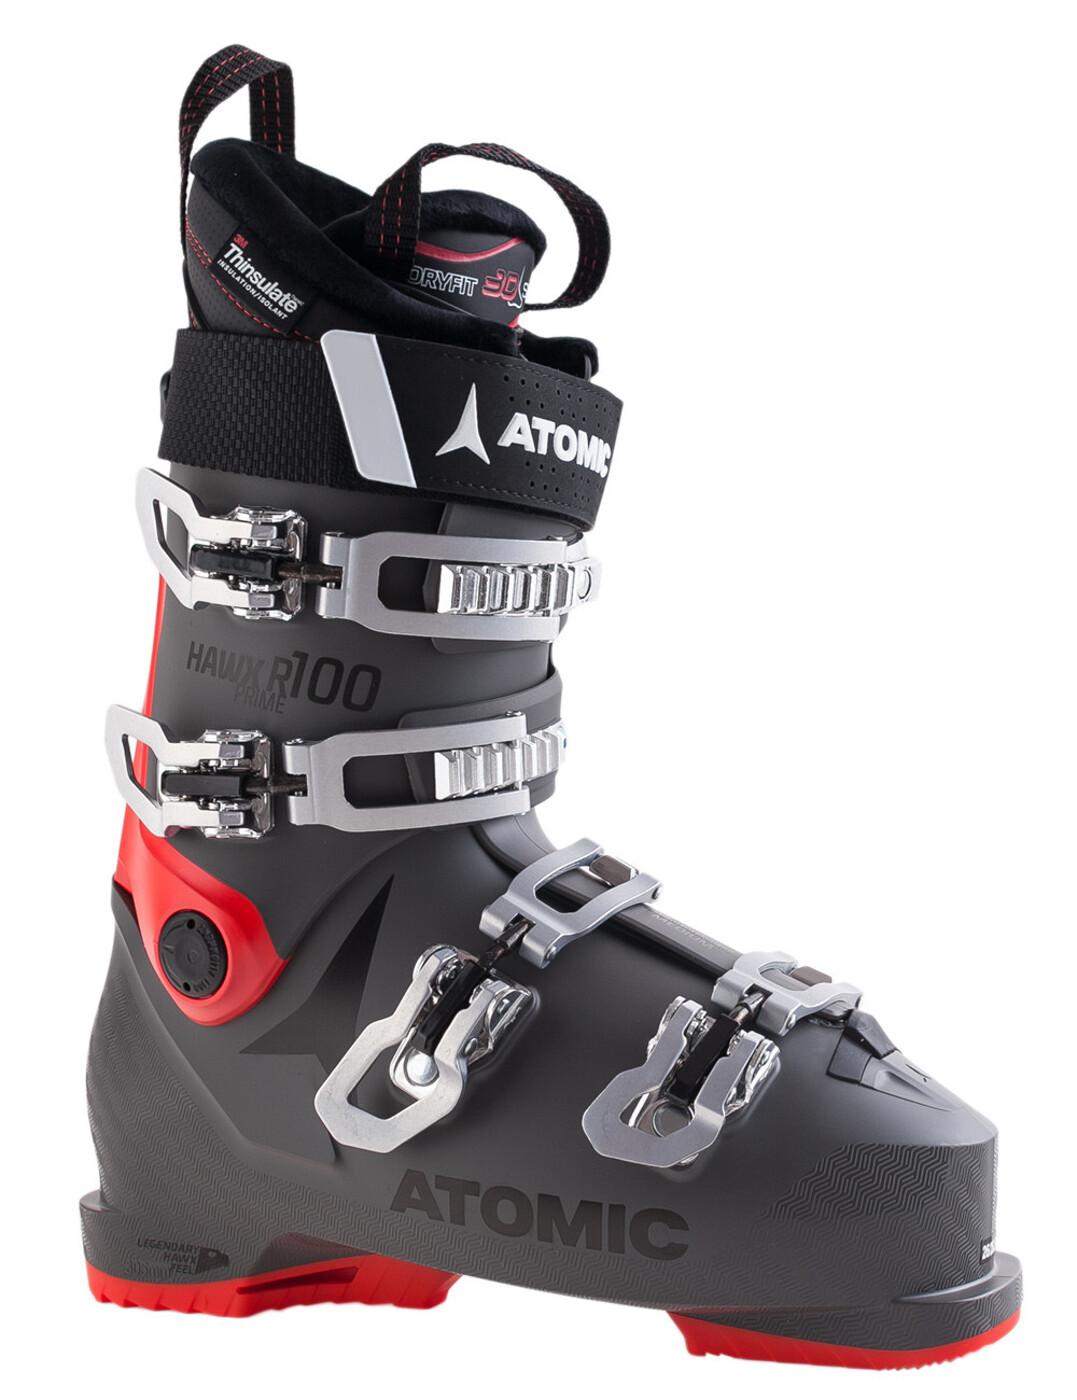 Skischuh HAWX PRIME R100 Anthracite/Red Atomic - Herren